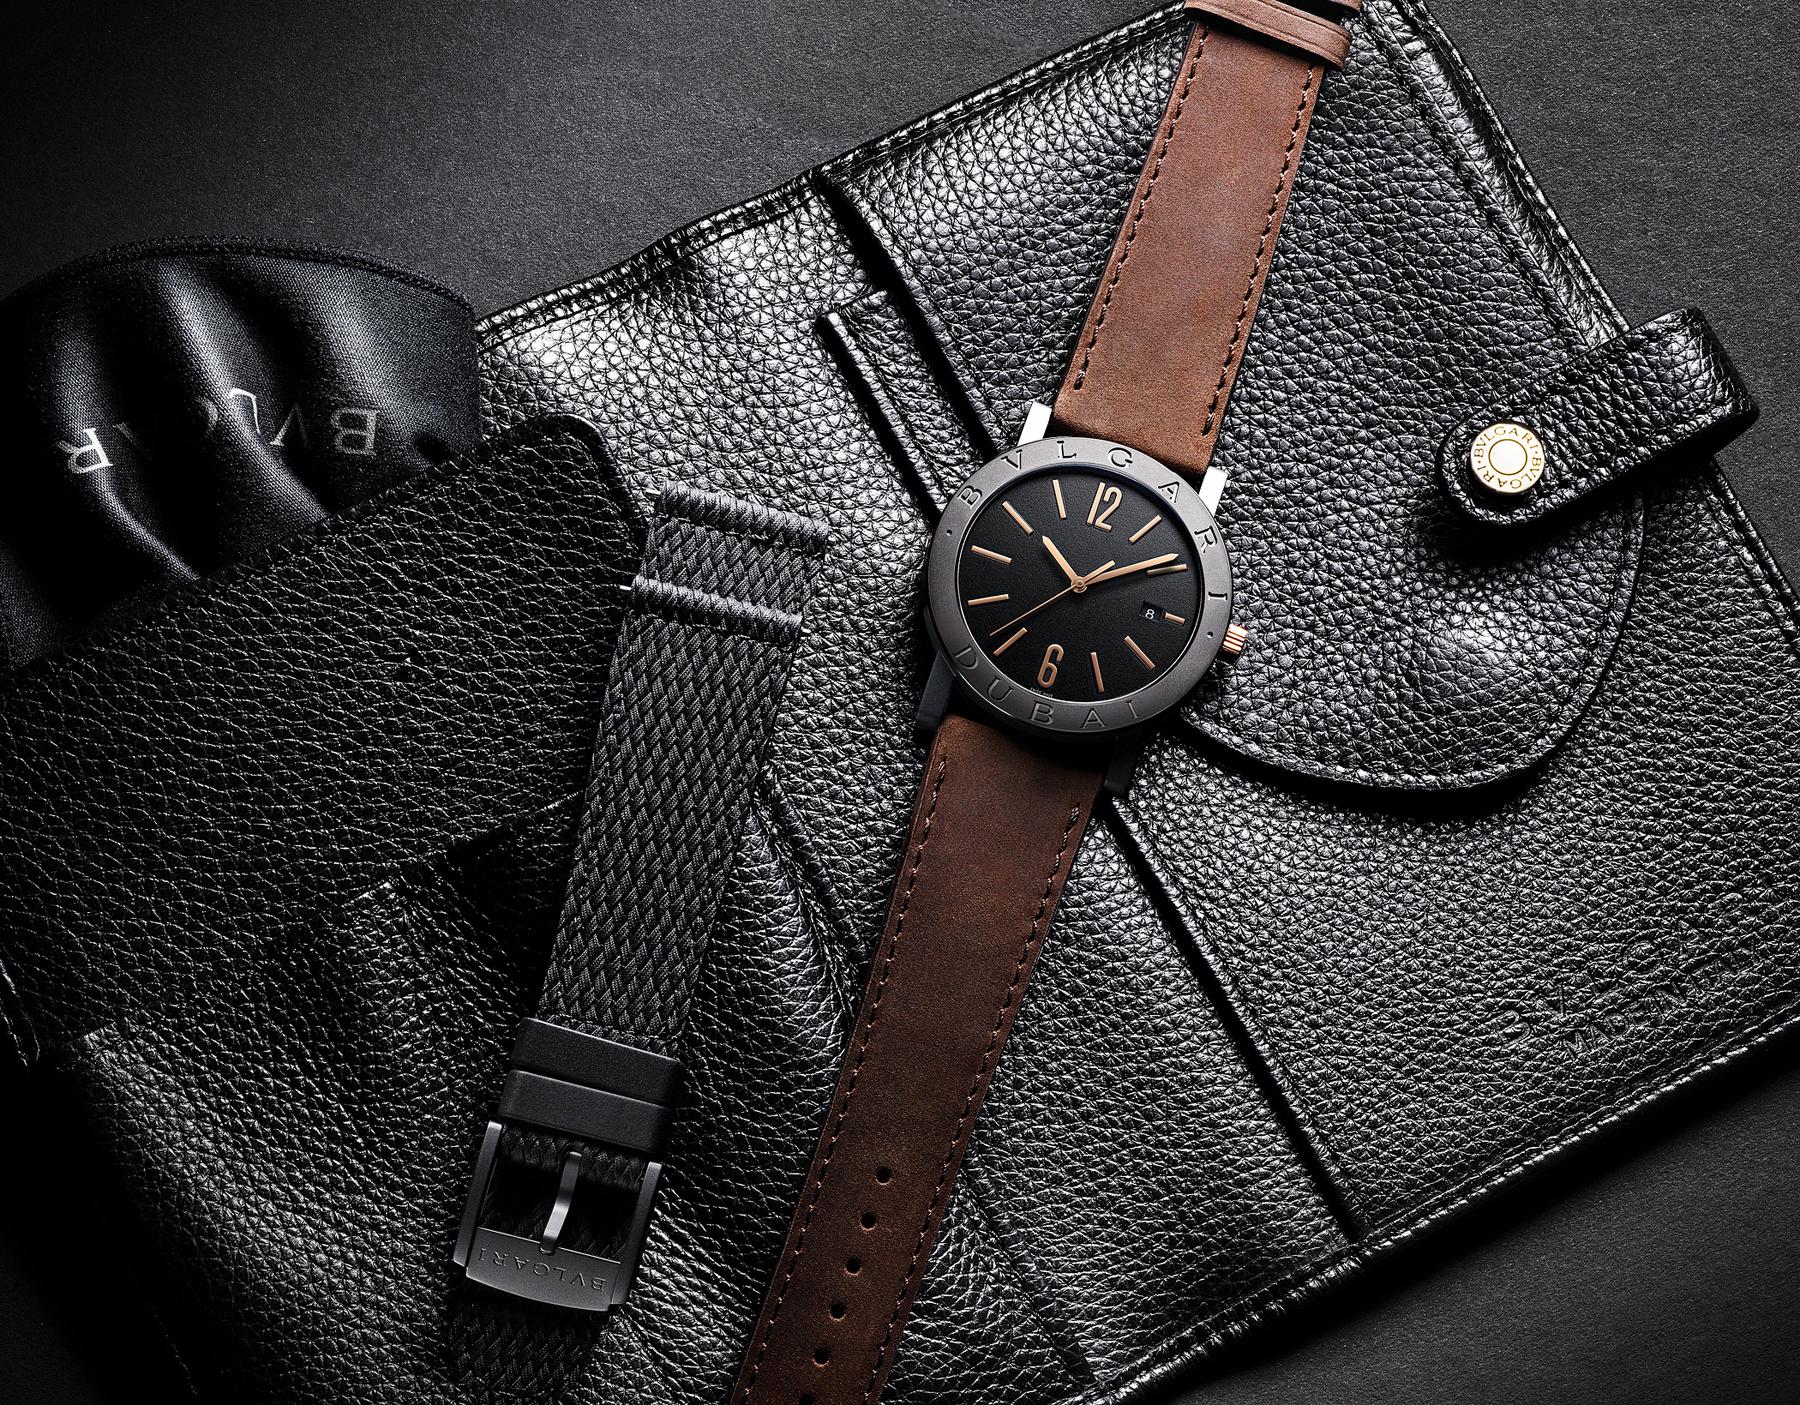 """ساعة """"بولغري بولغري سيتيز سبيشل إيديشن، DUBAI"""" بآلية حركة ميكانيكية مصنّعة من قبل بولغري، تعبئة أوتوماتيكية، آلية BVL 191.، علبة الساعة من الفولاذ المعالج بالكربون الأسود الشبيه بالألماس مع نقش """"BVLGARI DUBAI"""" على إطار الساعة، غطاء خلفي شفاف، ميناء مطلي بالمينا الأسود الخشن ومؤشرات الساعة من الذهب الوردي، سوار من جلد العجل البني، وسوار قابل للتبديل من المطاط الأسود. 103225 image 7"""